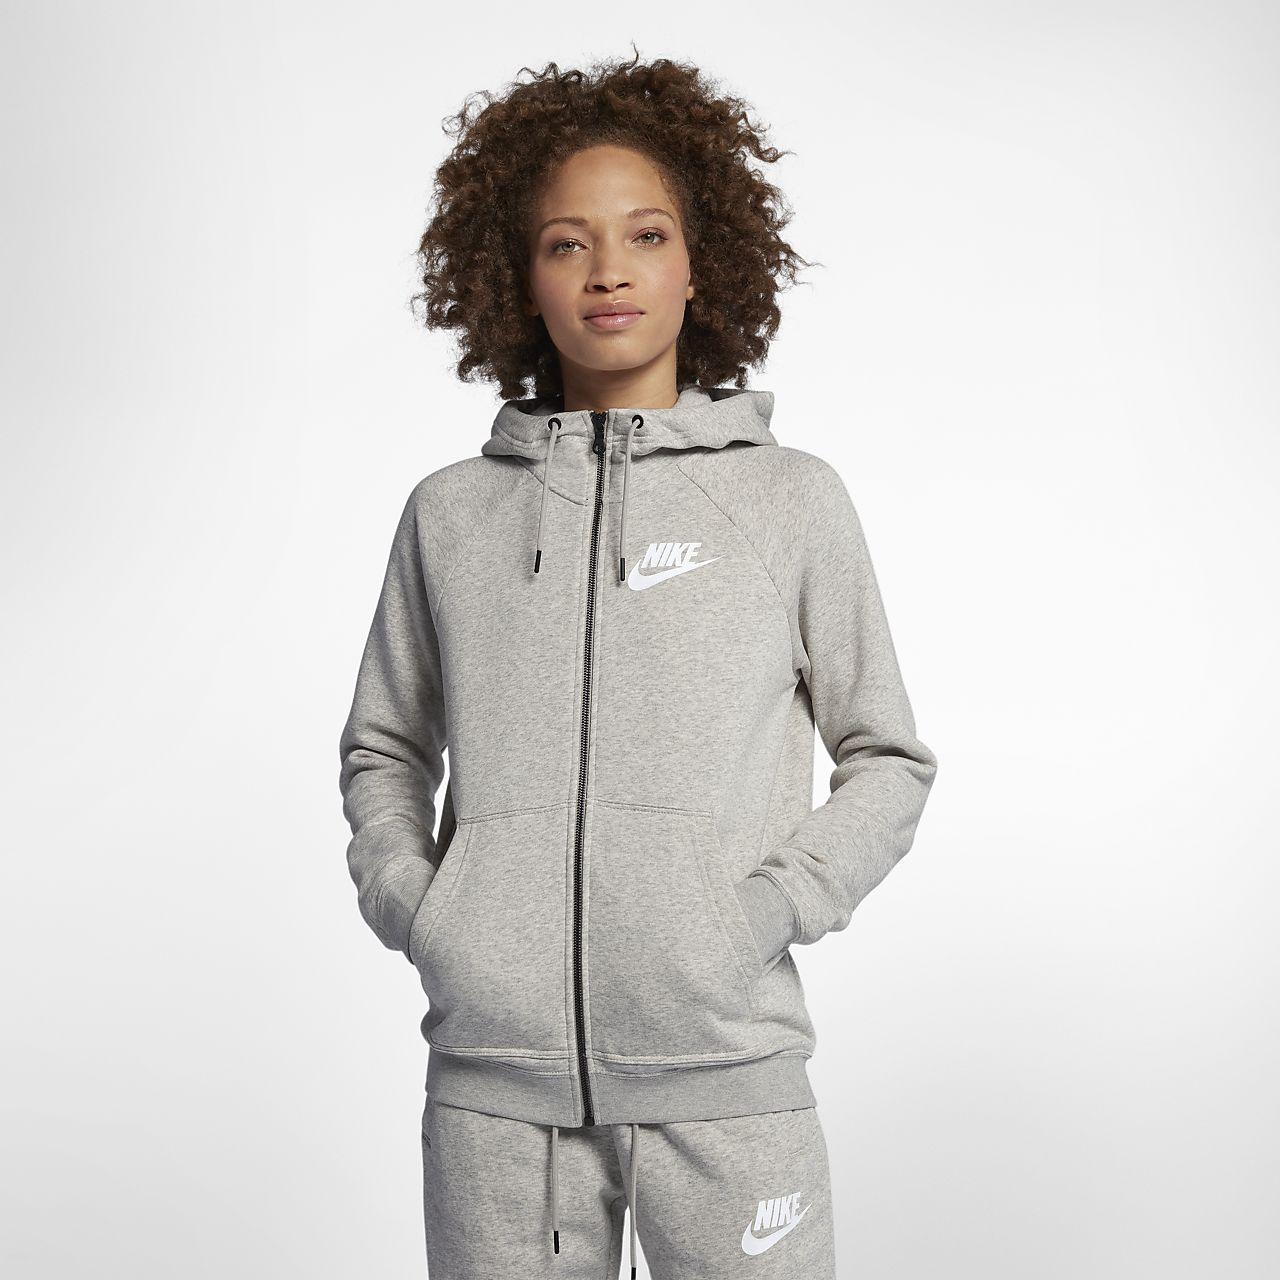 c3e9eacd2 Dámská mikina Nike Sportswear Rally s kapucí a dlouhým zipem. Nike ...